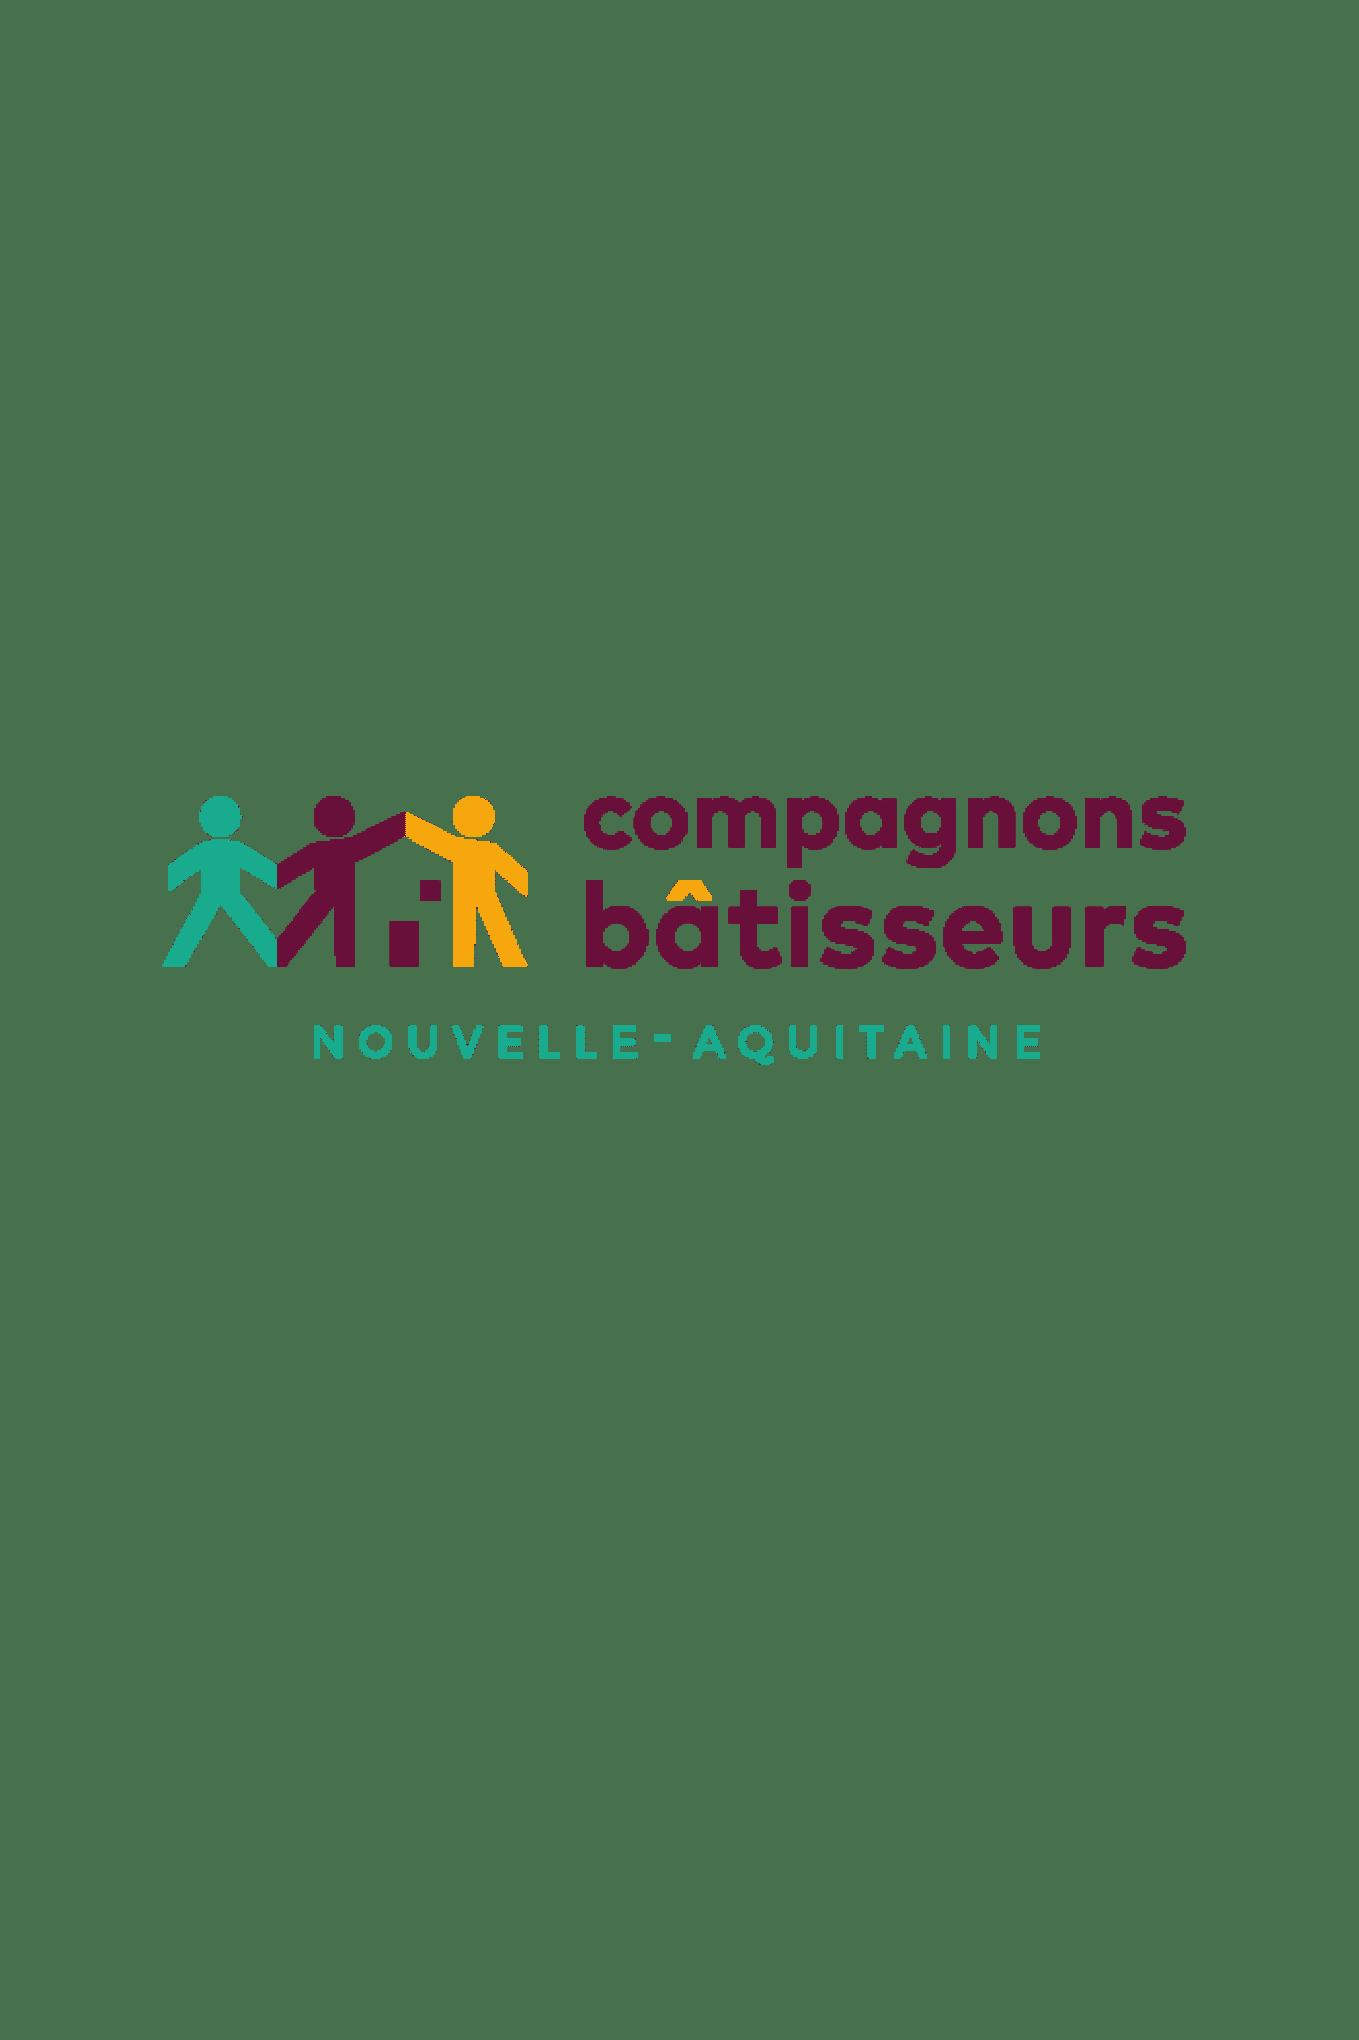 Domolandes Entreprise : LES COMPAGNONS BÂTISSEURS